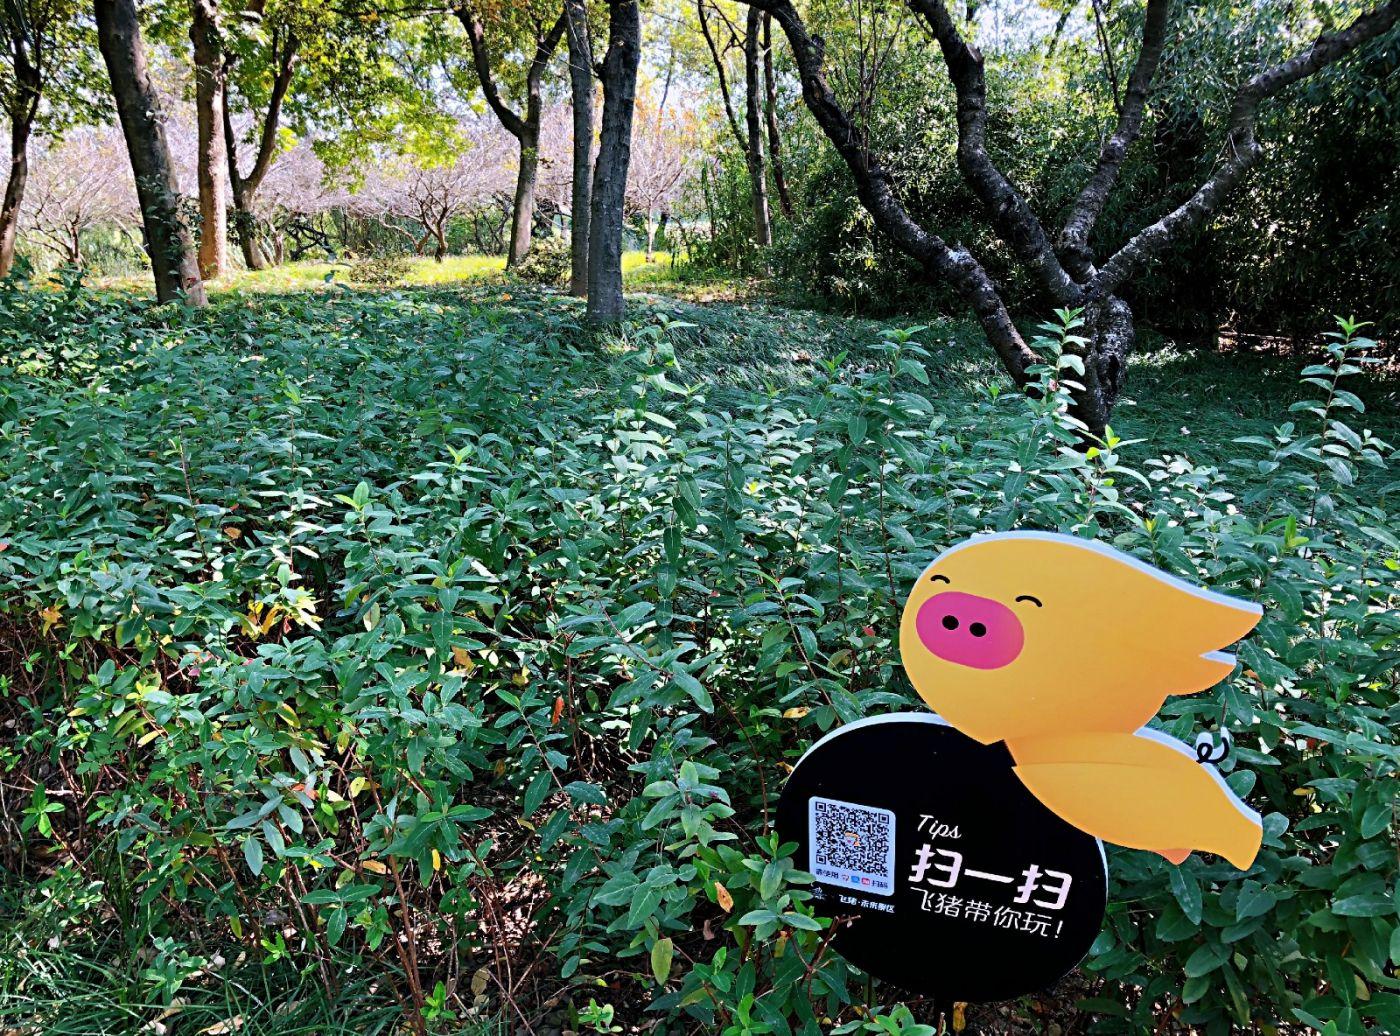 【田螺随拍】西溪湿地、非诚勿扰场景-手机版_图1-4